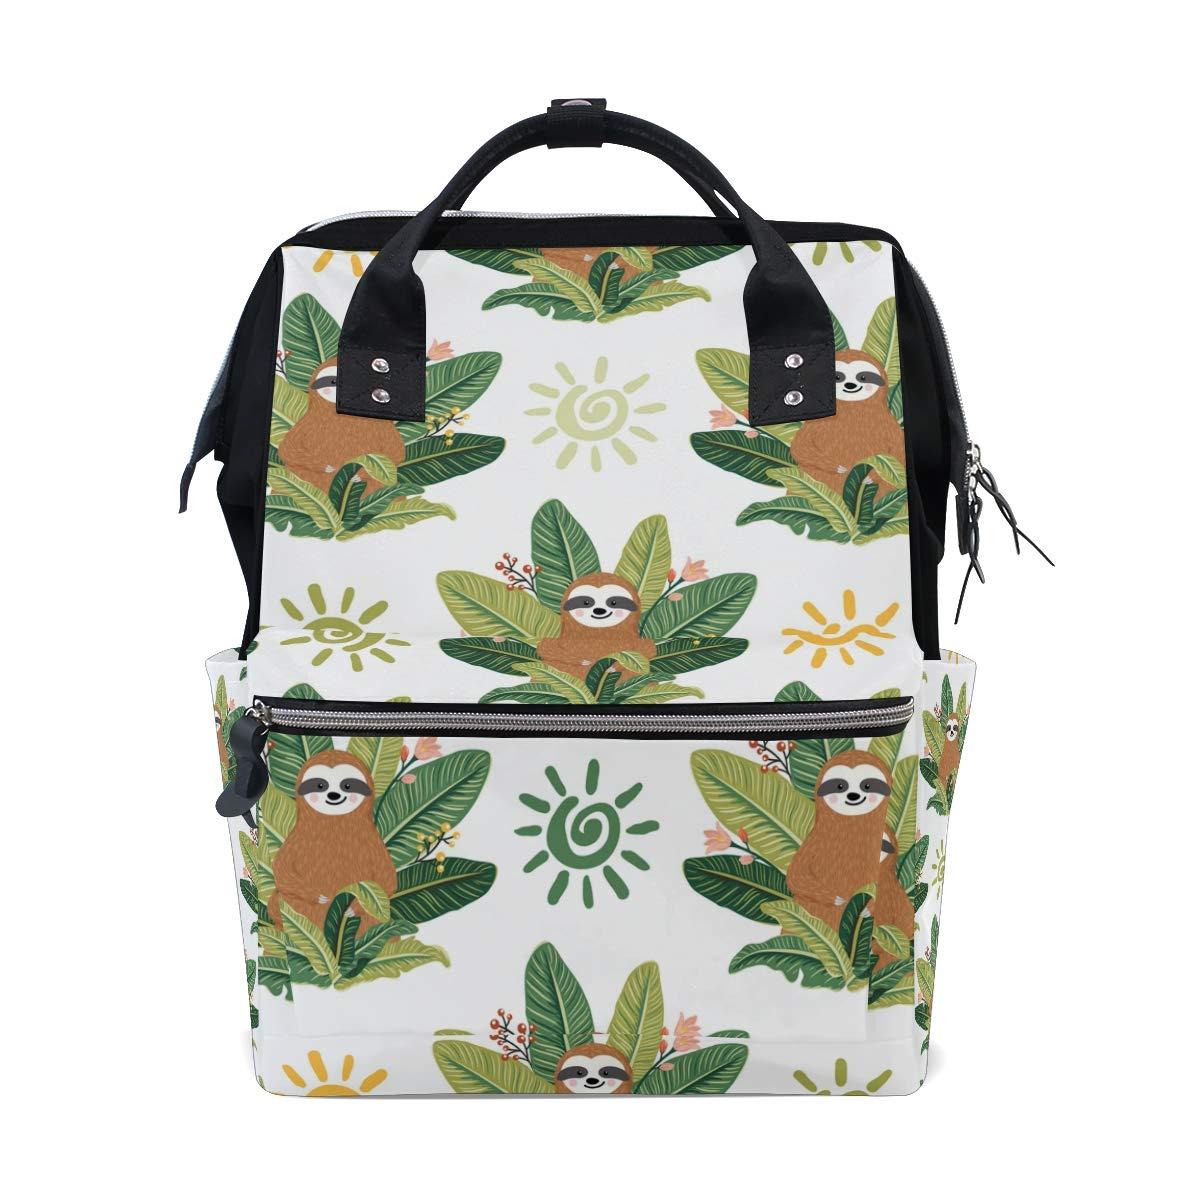 MERRYSUGAR Diaper Bag Backpack Cute Sloth Baby Bag School Backpack Mommy Bag Large Multifunction Travel Bag